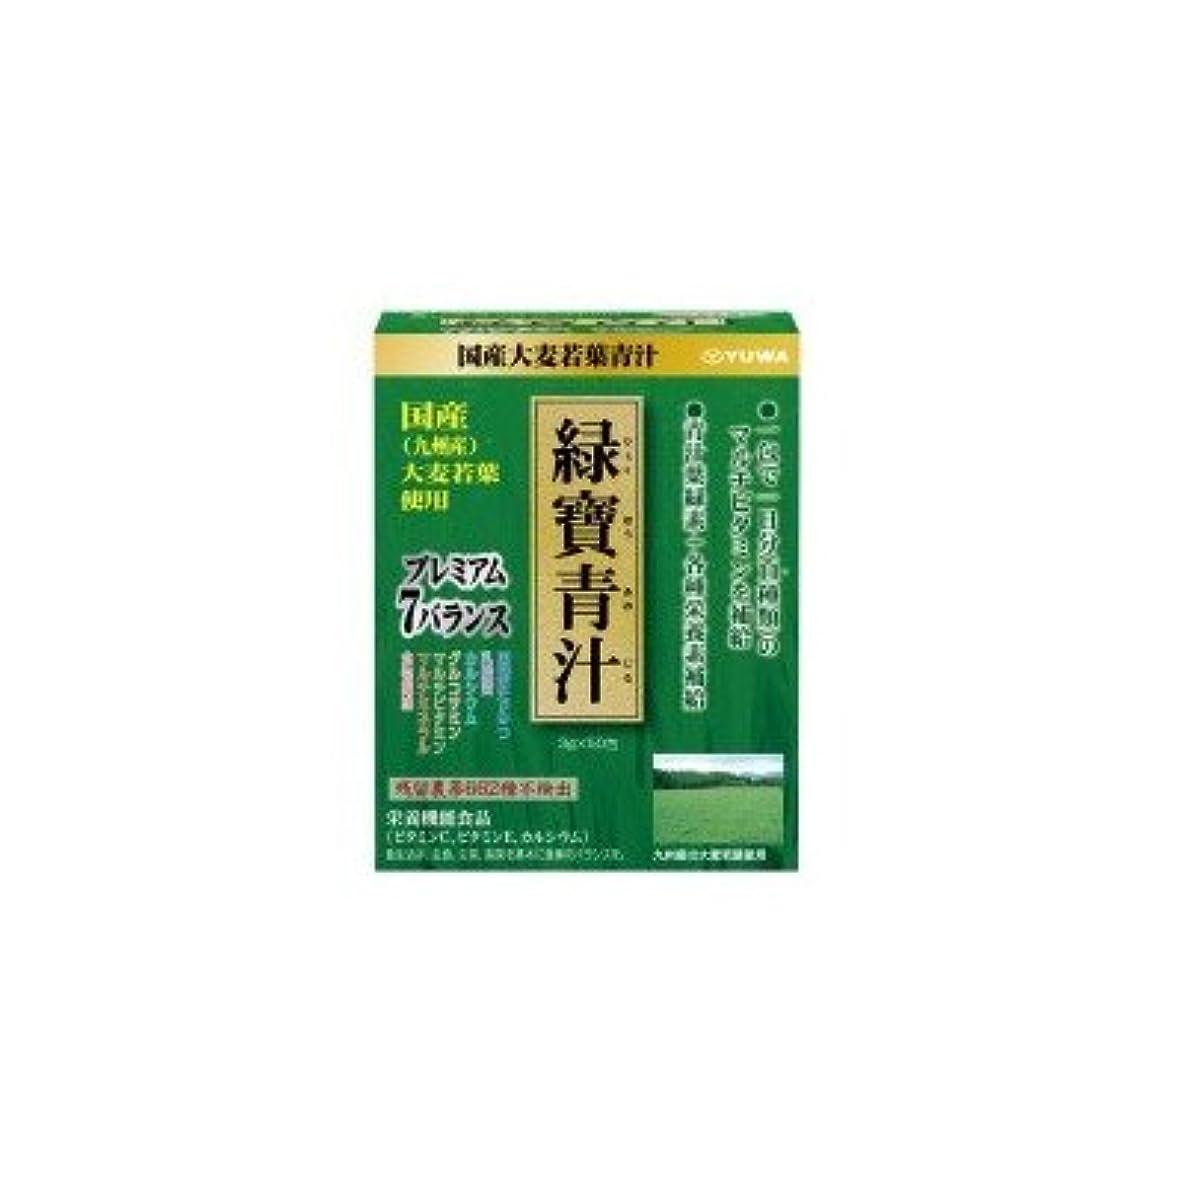 黒板アクティビティノートユーワ 九州産大麦若葉使用 緑寶青汁 150g(3g×50包) 2865